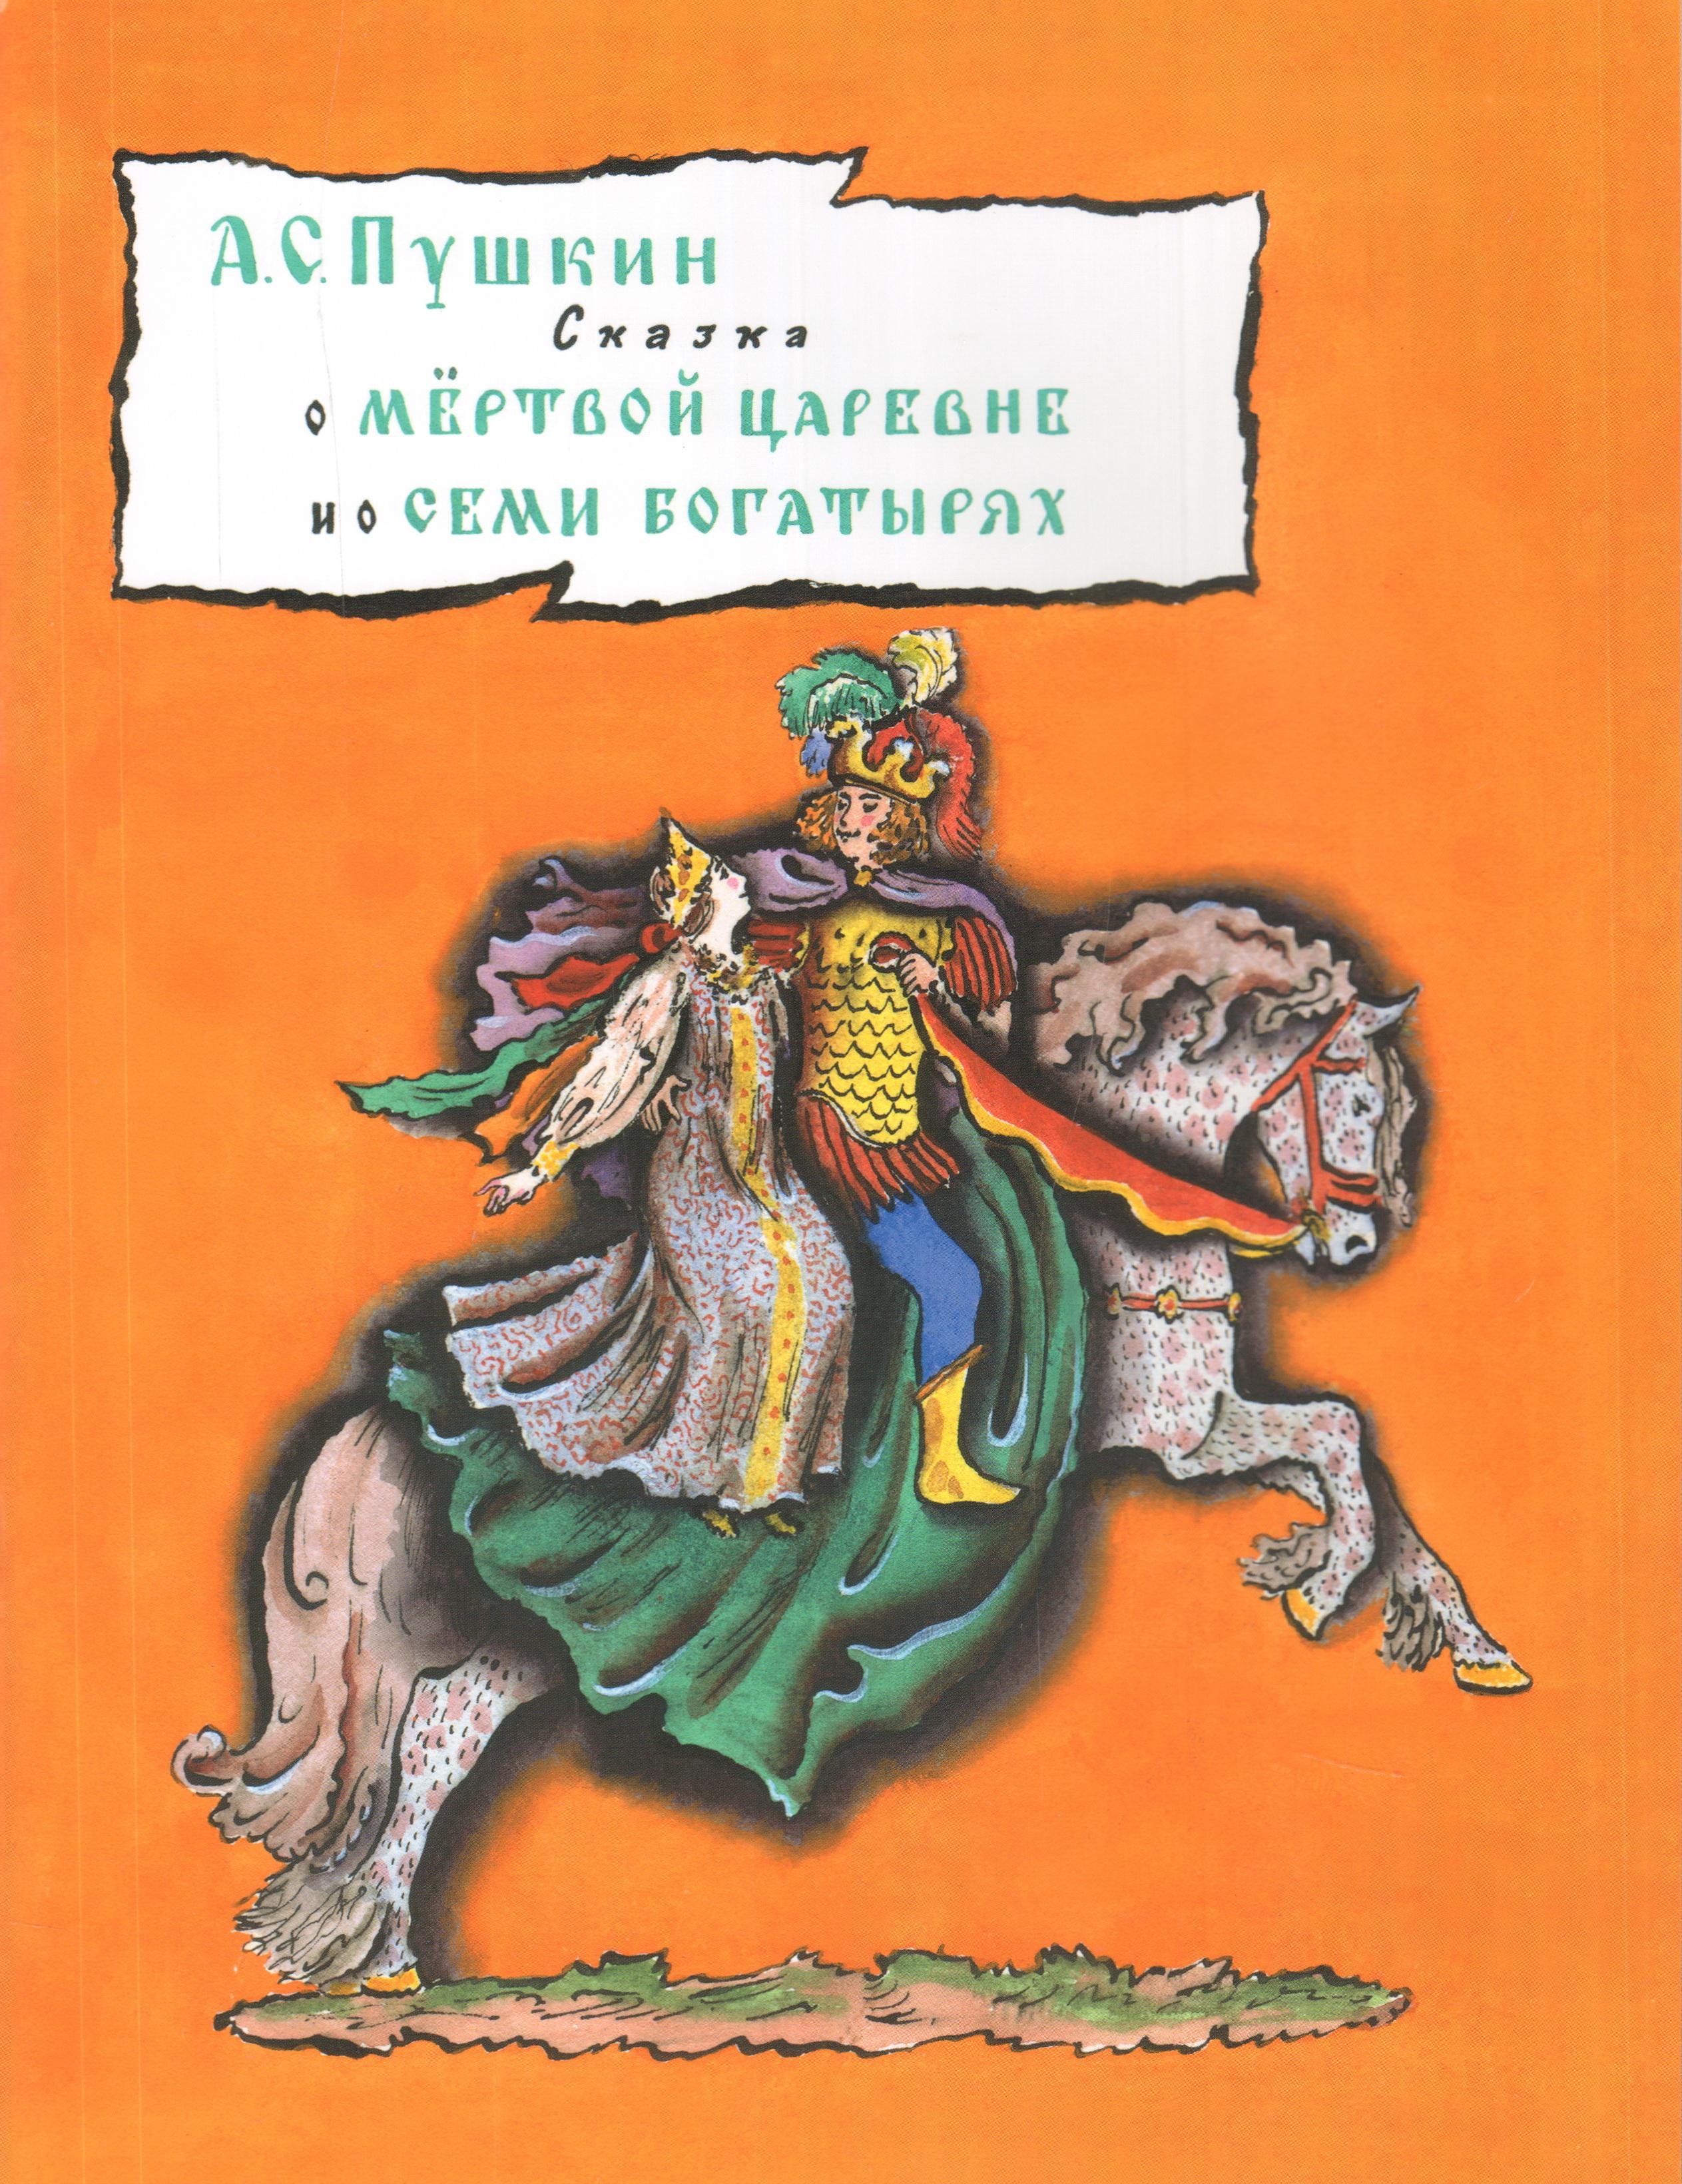 Мелик Пашаев. Сказка о мёртвой царевне и семи богатырях